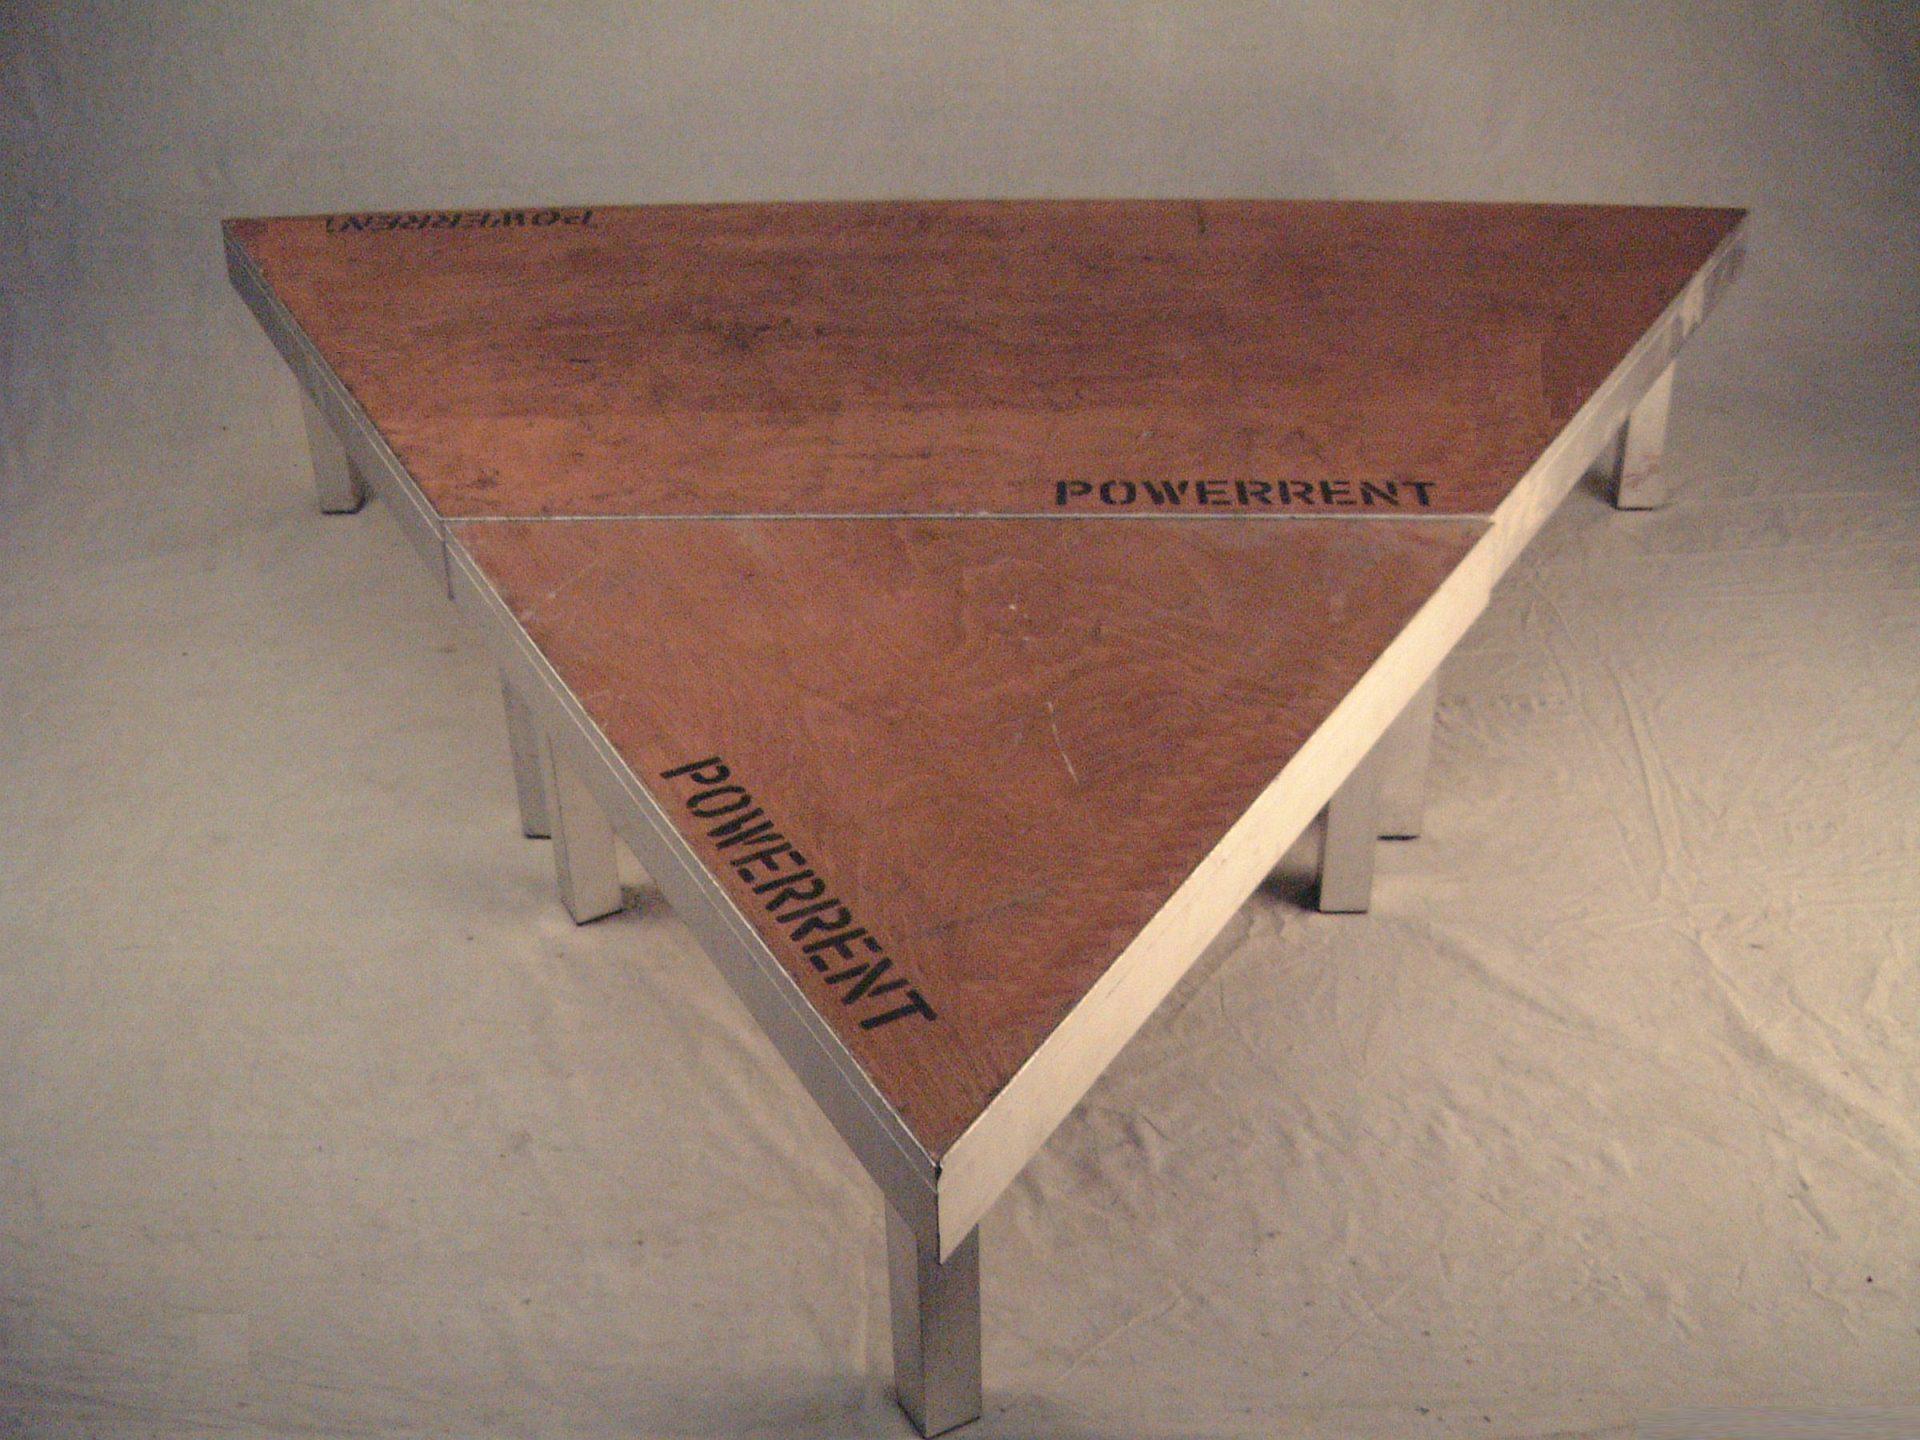 Dreieck Bühnenelement 2m x 2m x 2m